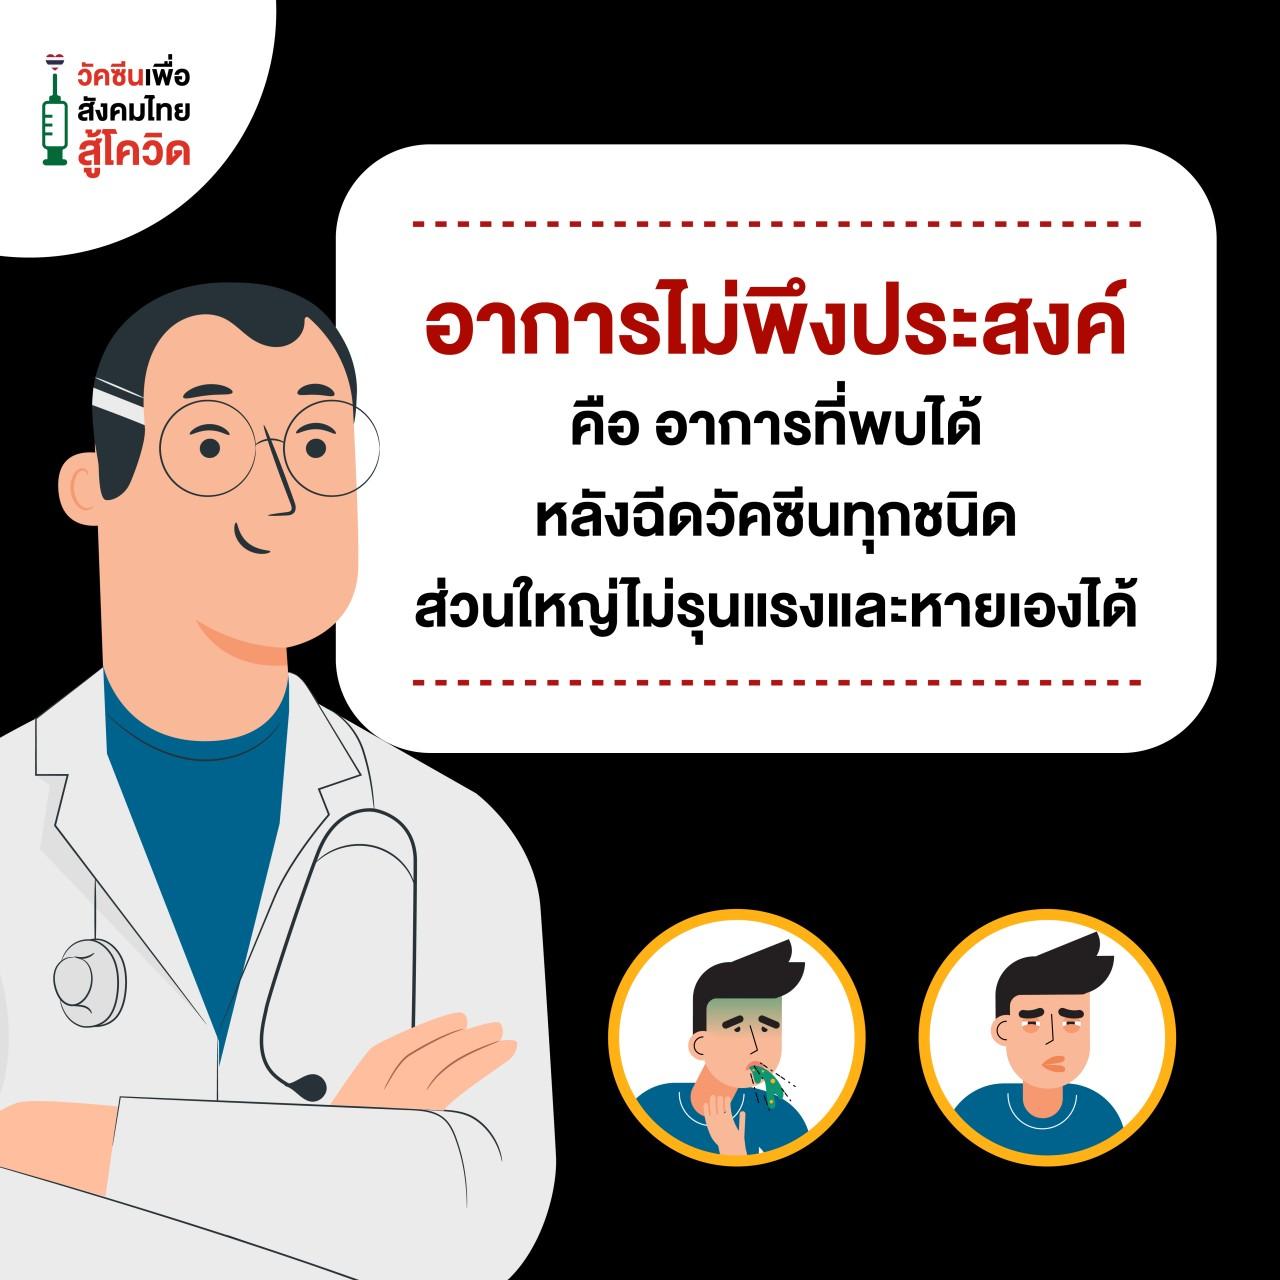 อาการไม่พึงประสงค์ที่ควรพบแพทย์